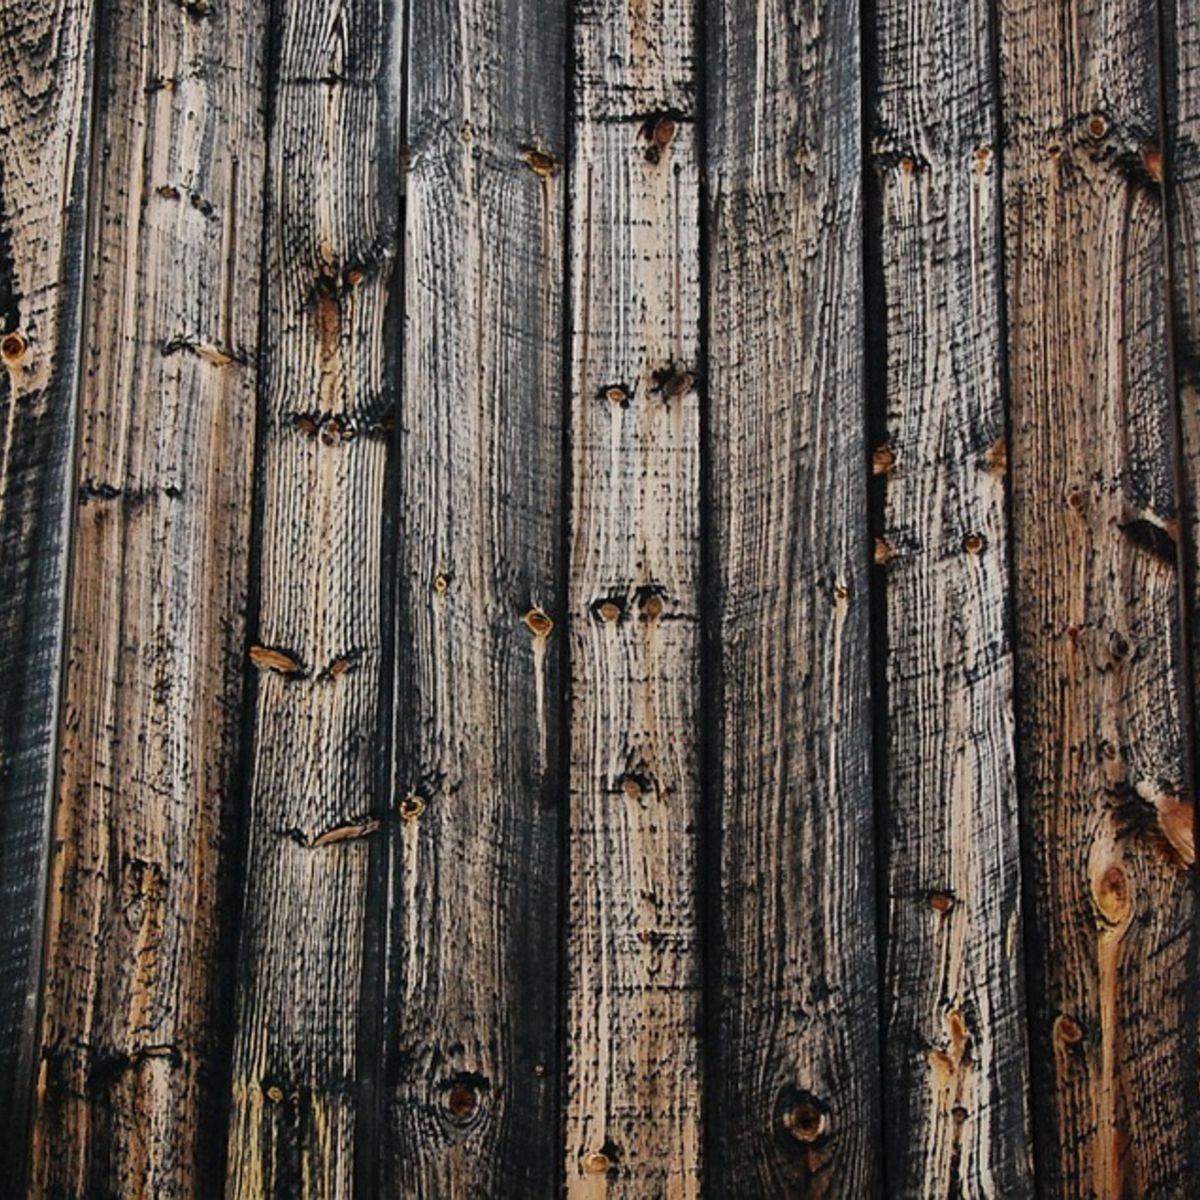 wood-744311_960_720.jpg